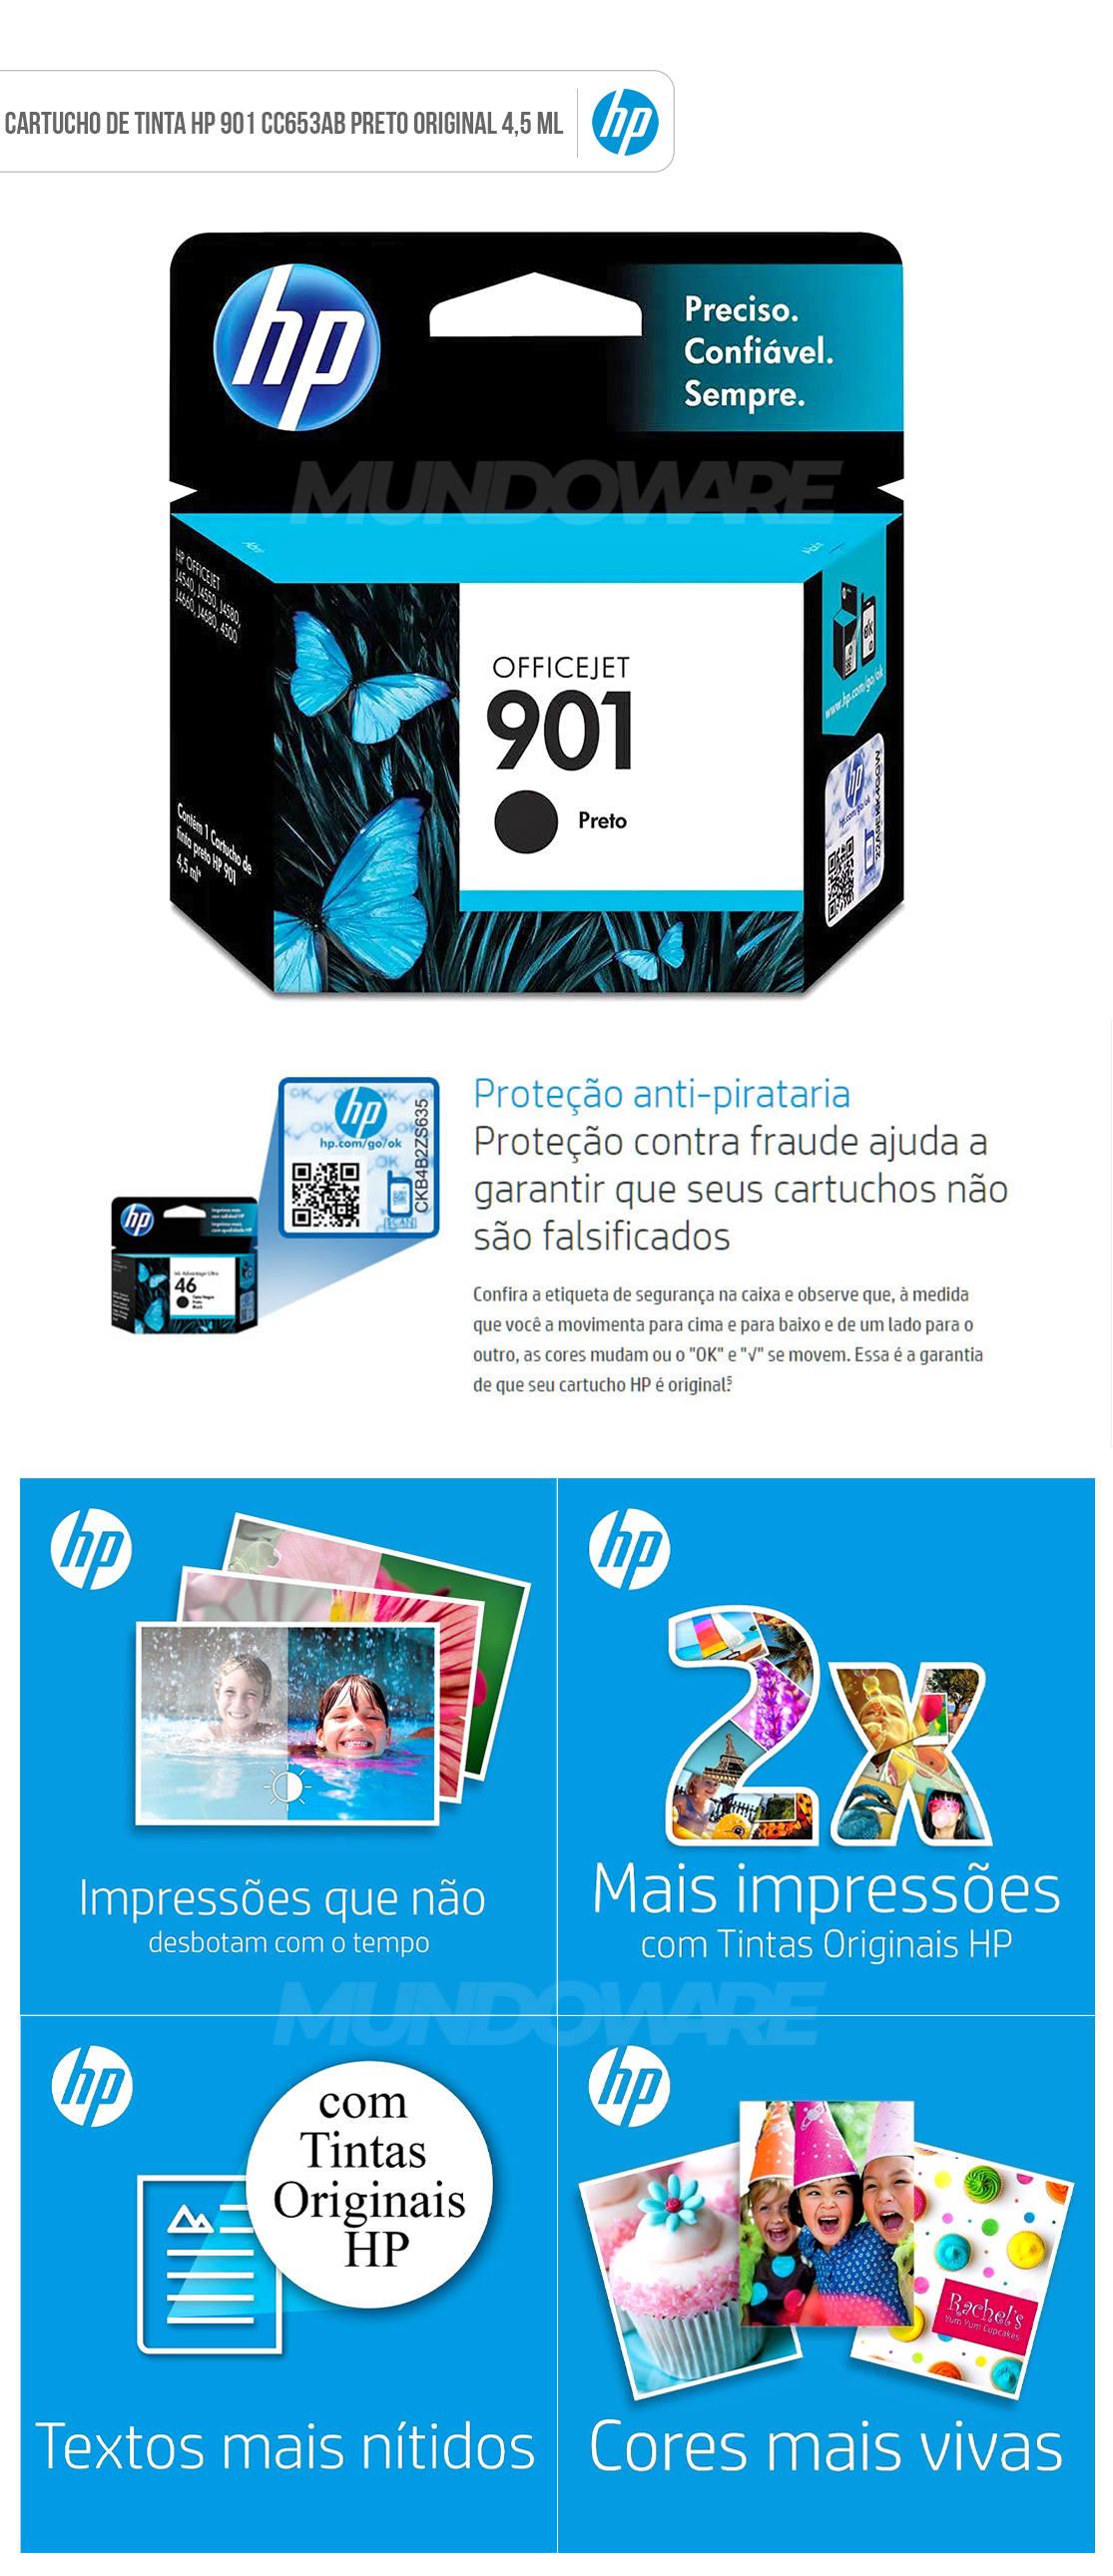 Cartucho de Tinta HP 901 Preto CC653AL CC653AB para HP Officejet J4660 J4524 J4550 J4580 J4680 G510a Original 4,5 ML